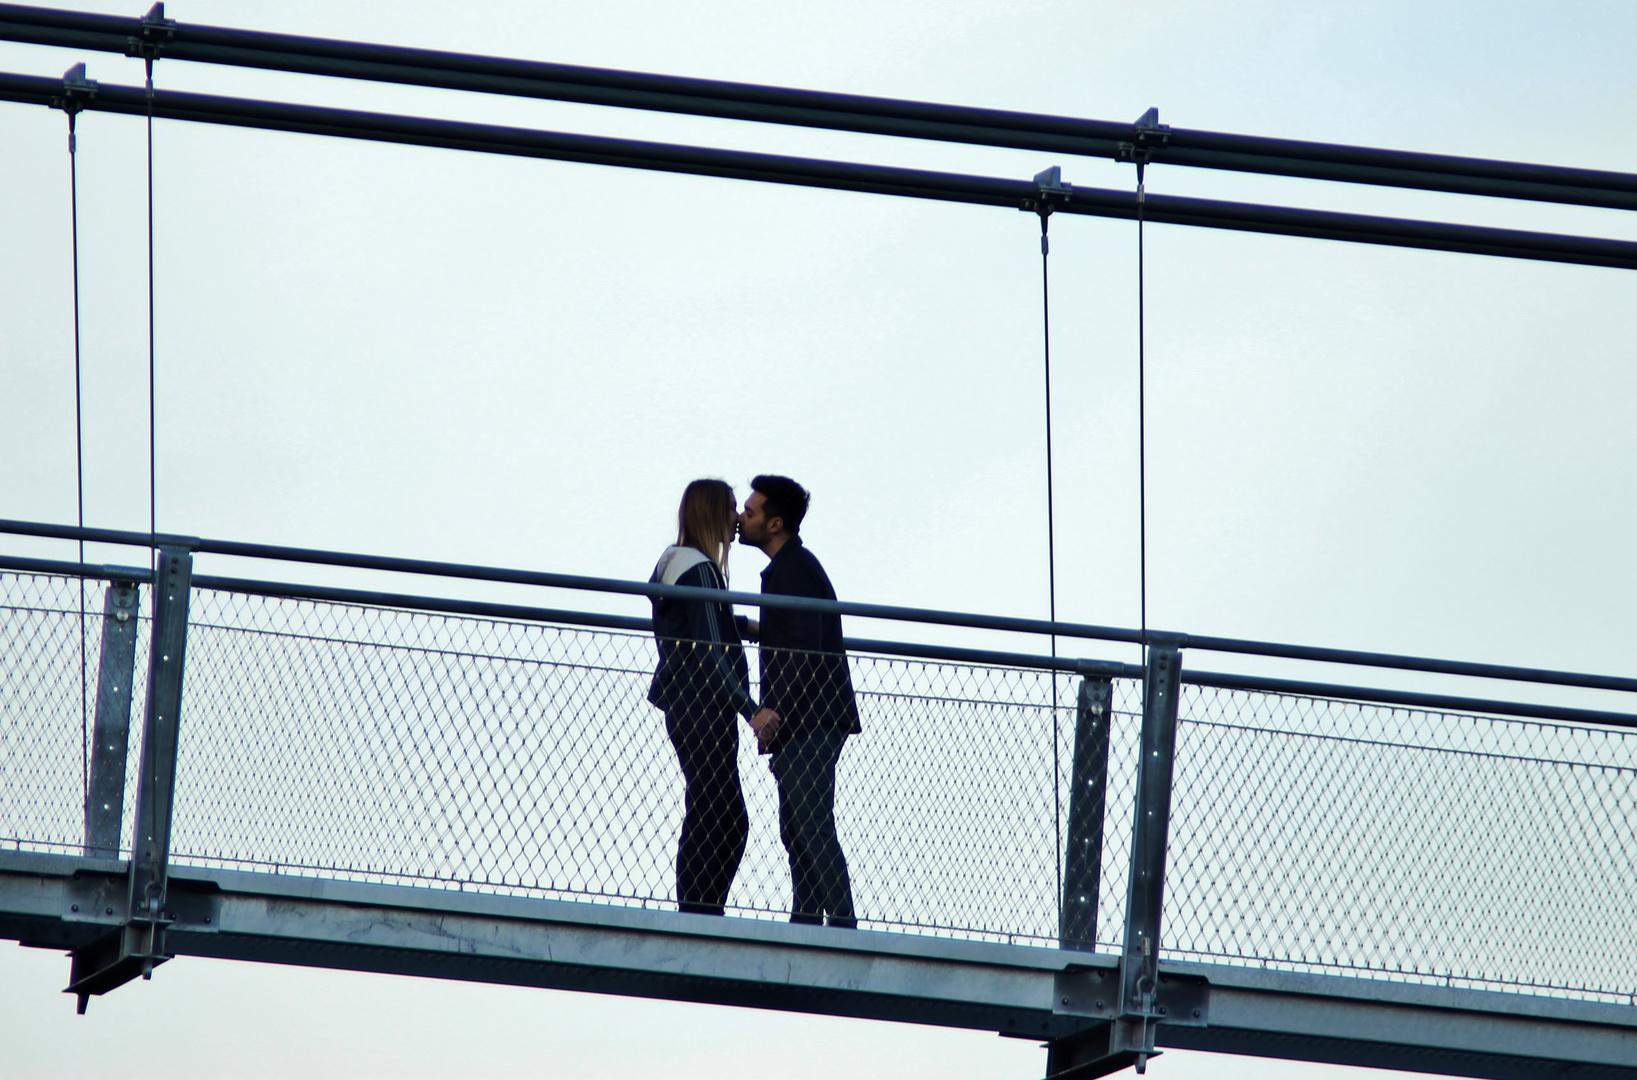 Kussversuch in luftiger Höhe